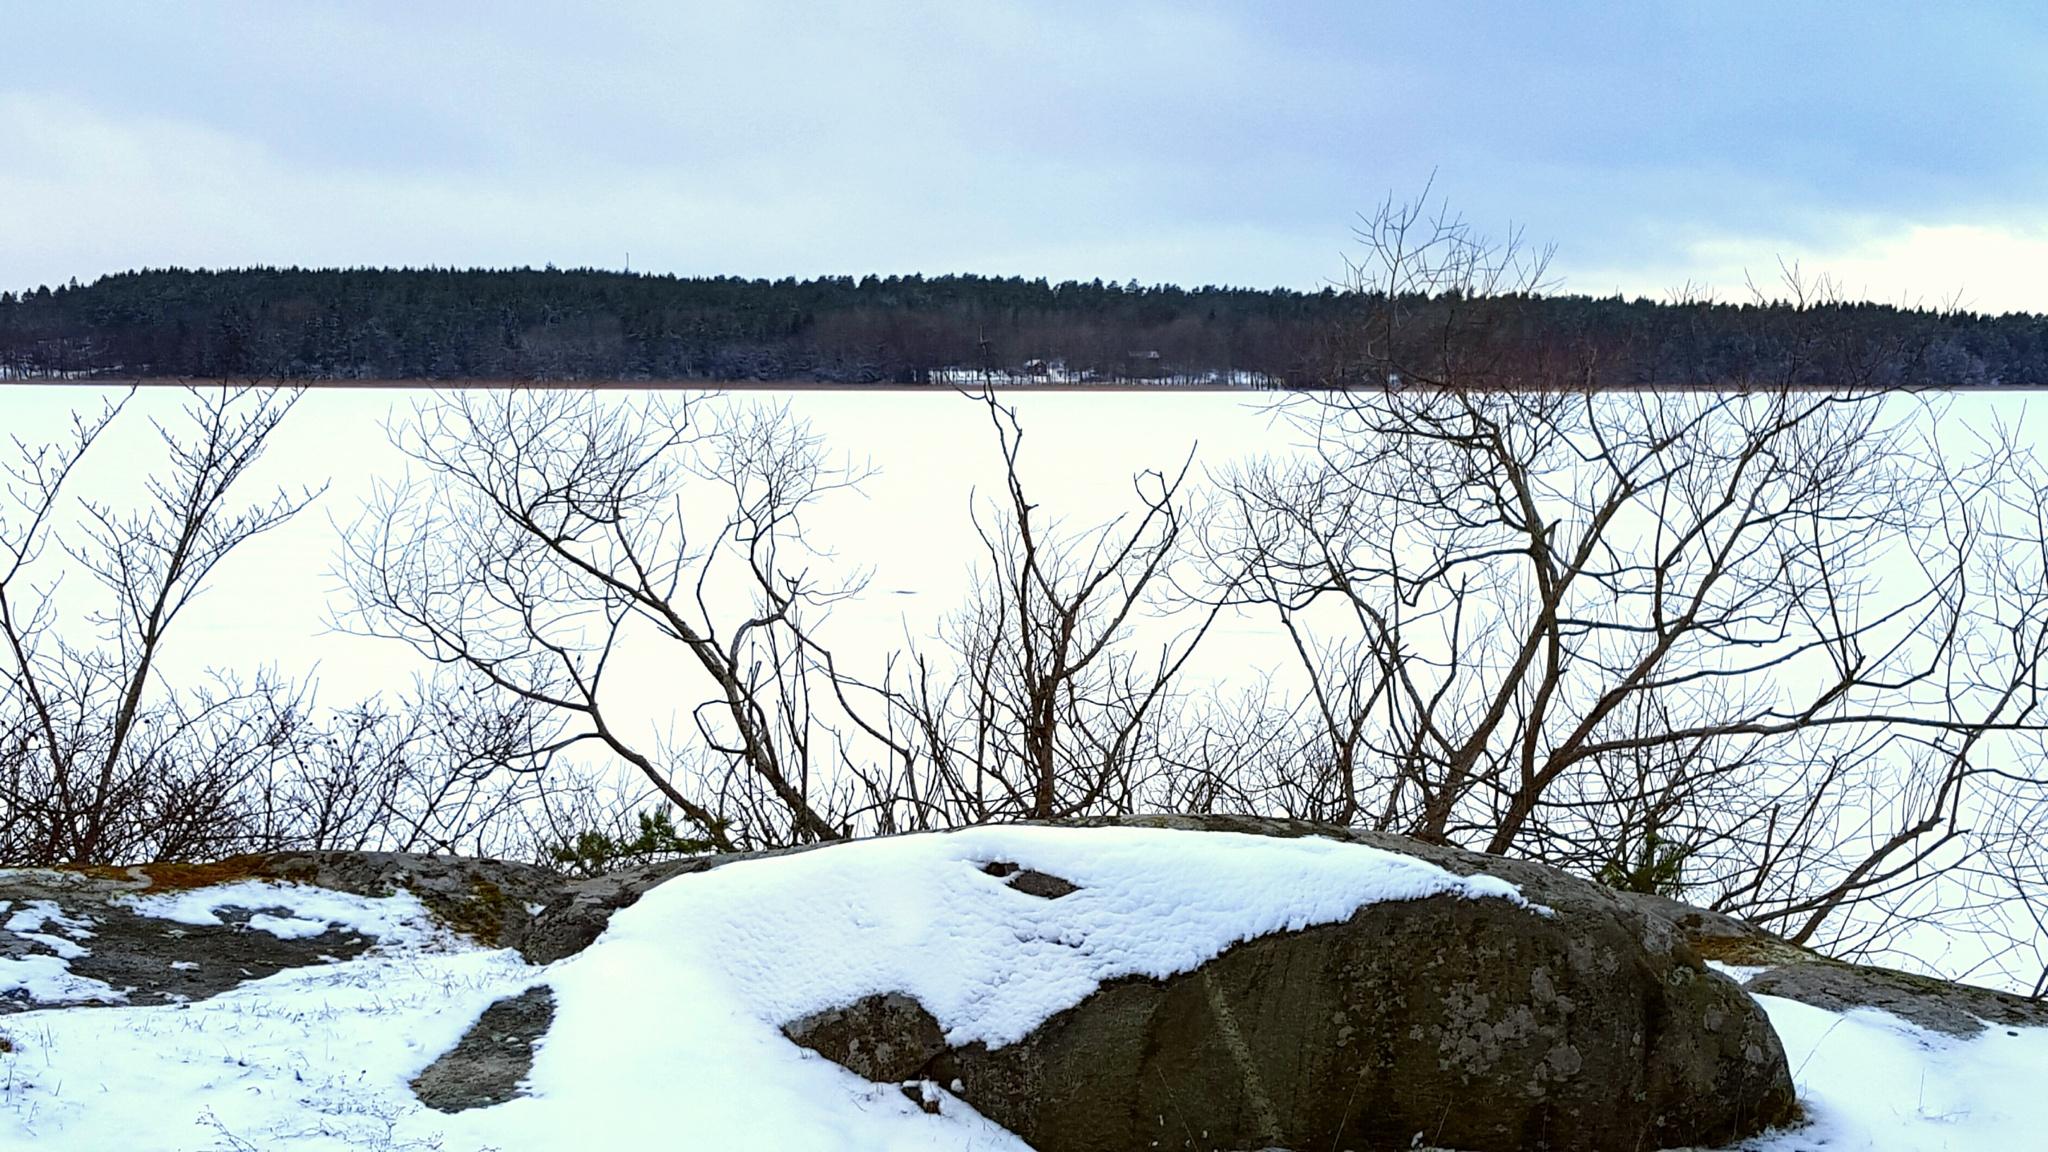 Snow on the lake by Susanne Brännström